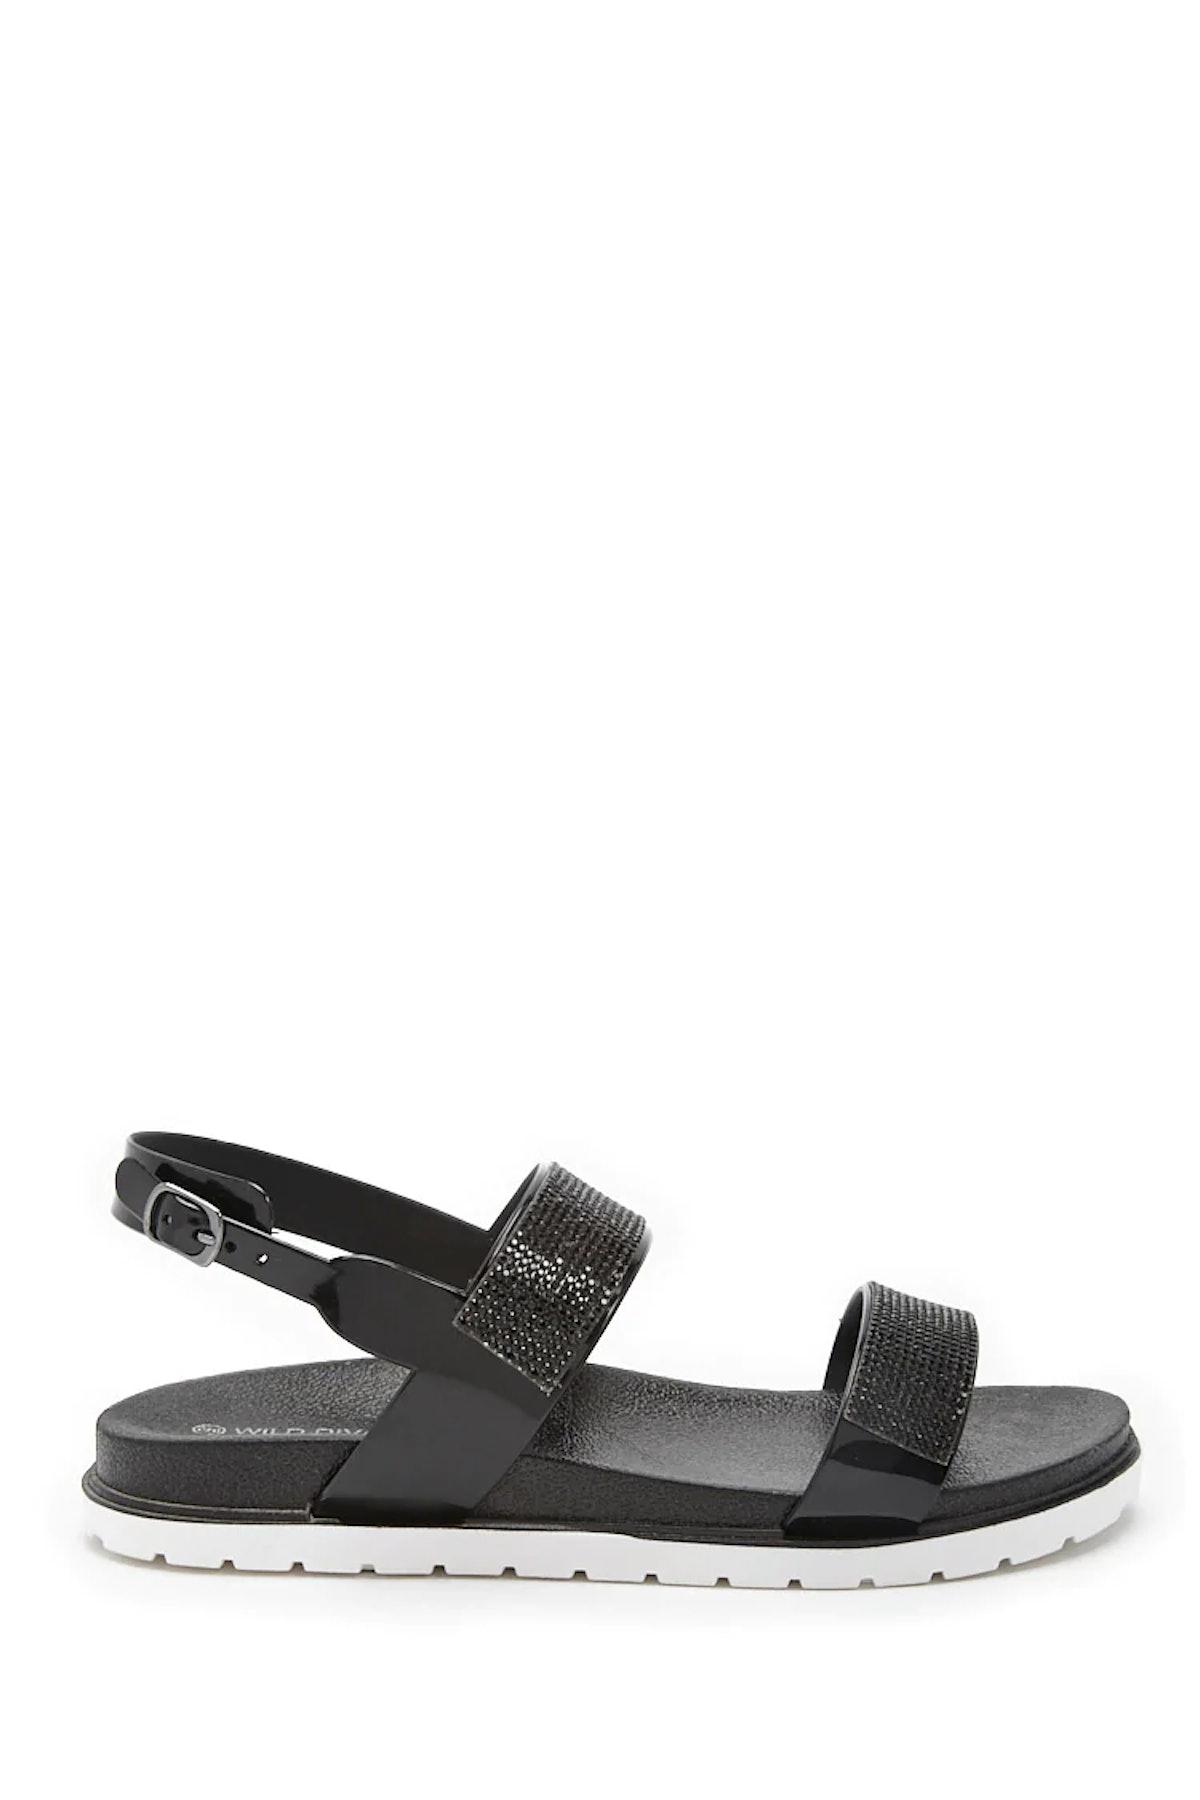 Rhinestone-Embellished Open Toe Sandals